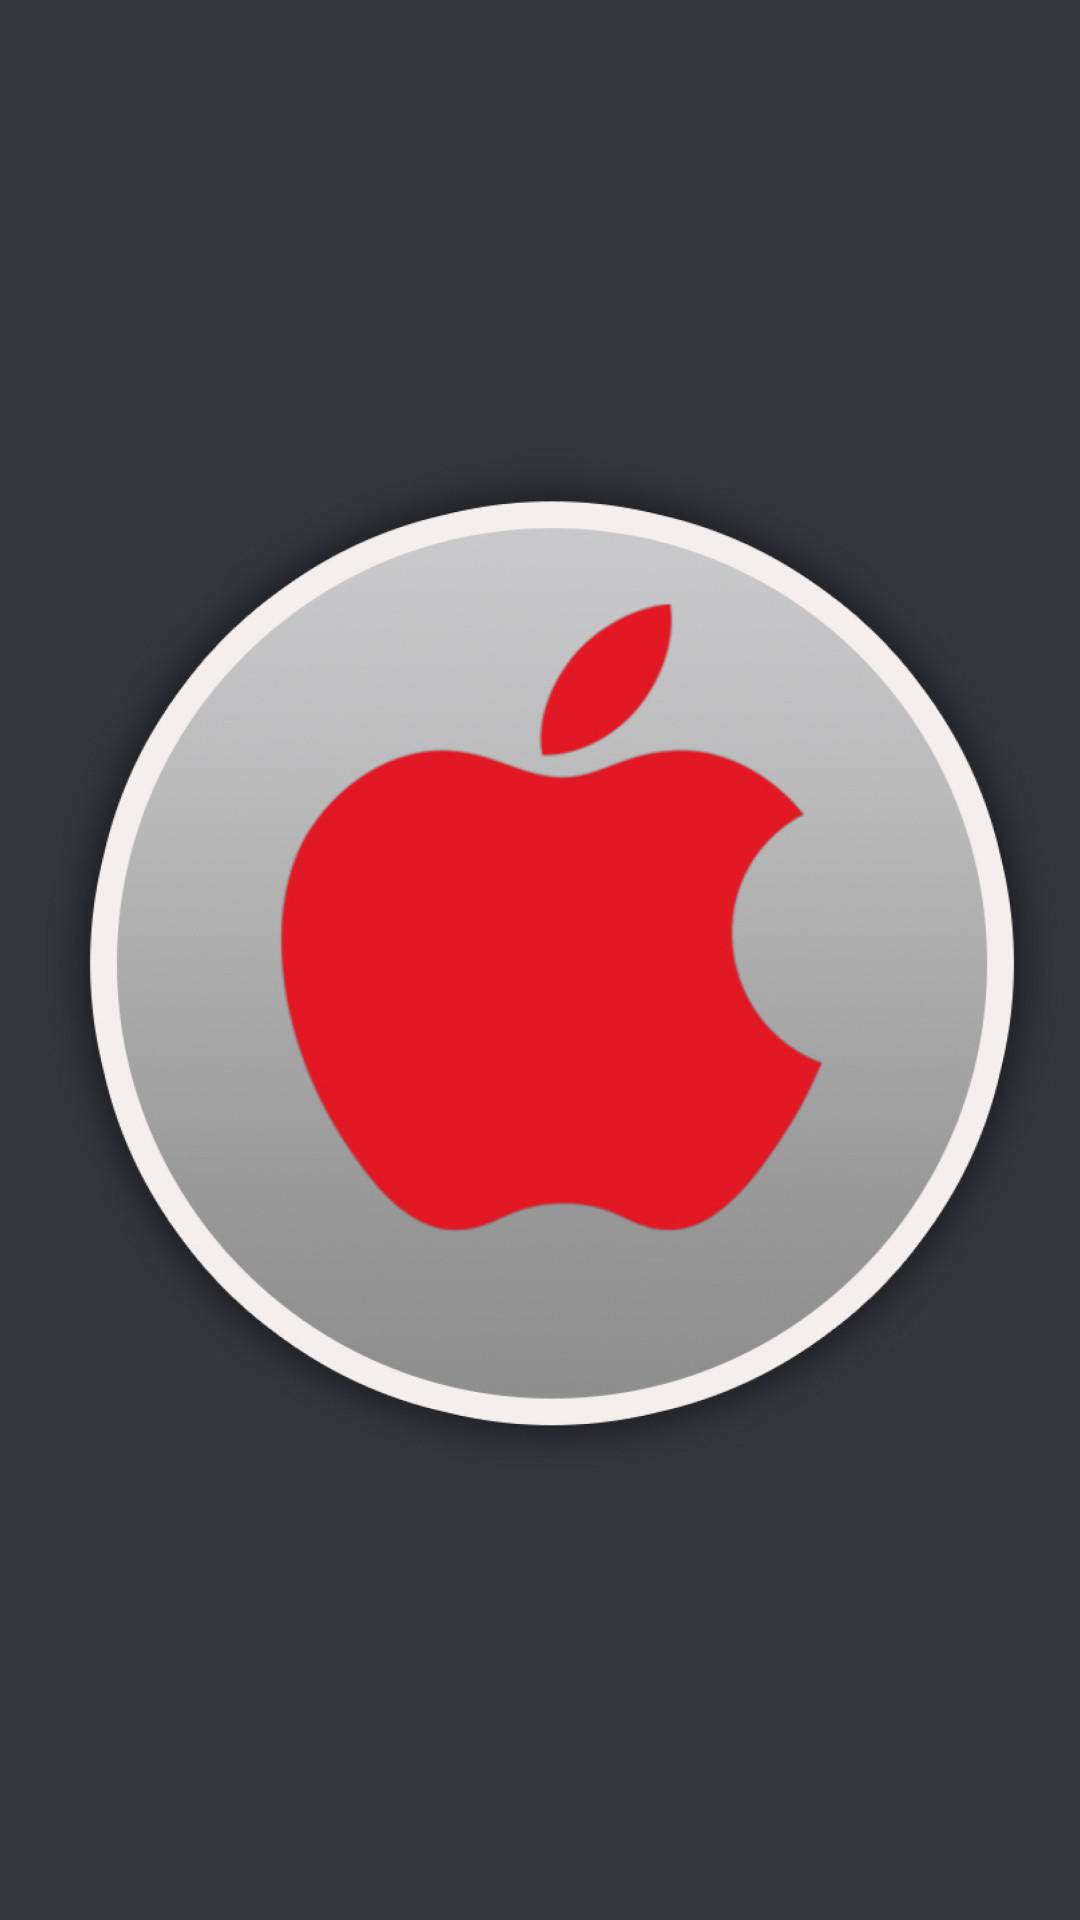 Apple emblem iphone 6 hd wallpaper